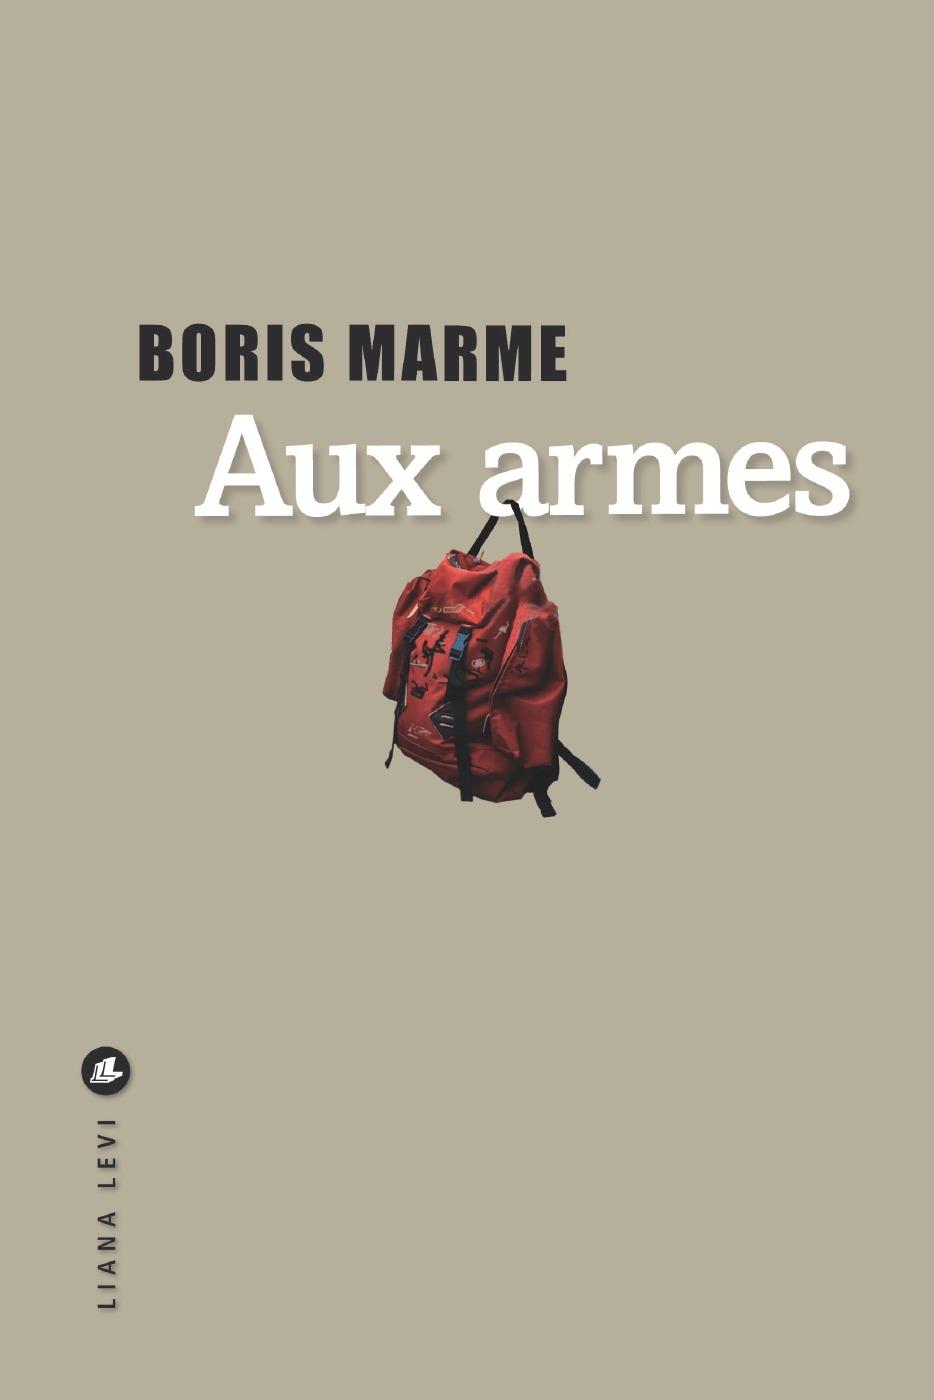 [Marme, Boris] Aux armes Aux_ar10